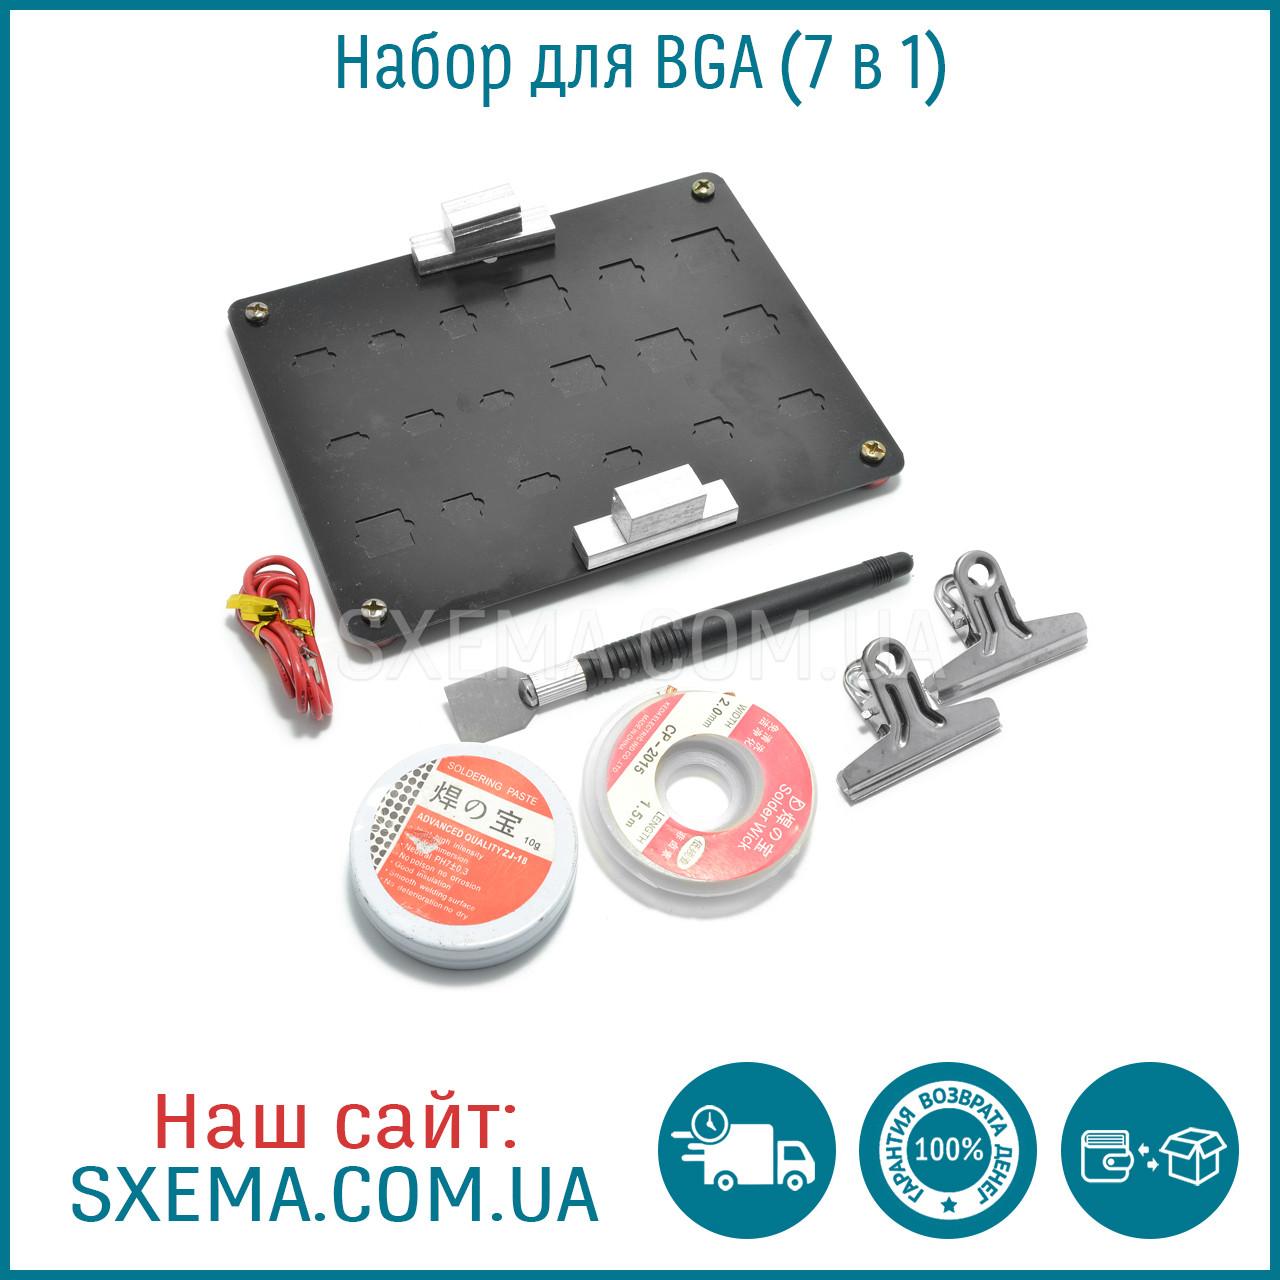 Набор для BGA пайки микросхем 7 в 1 (монтажный столик 150х120мм)